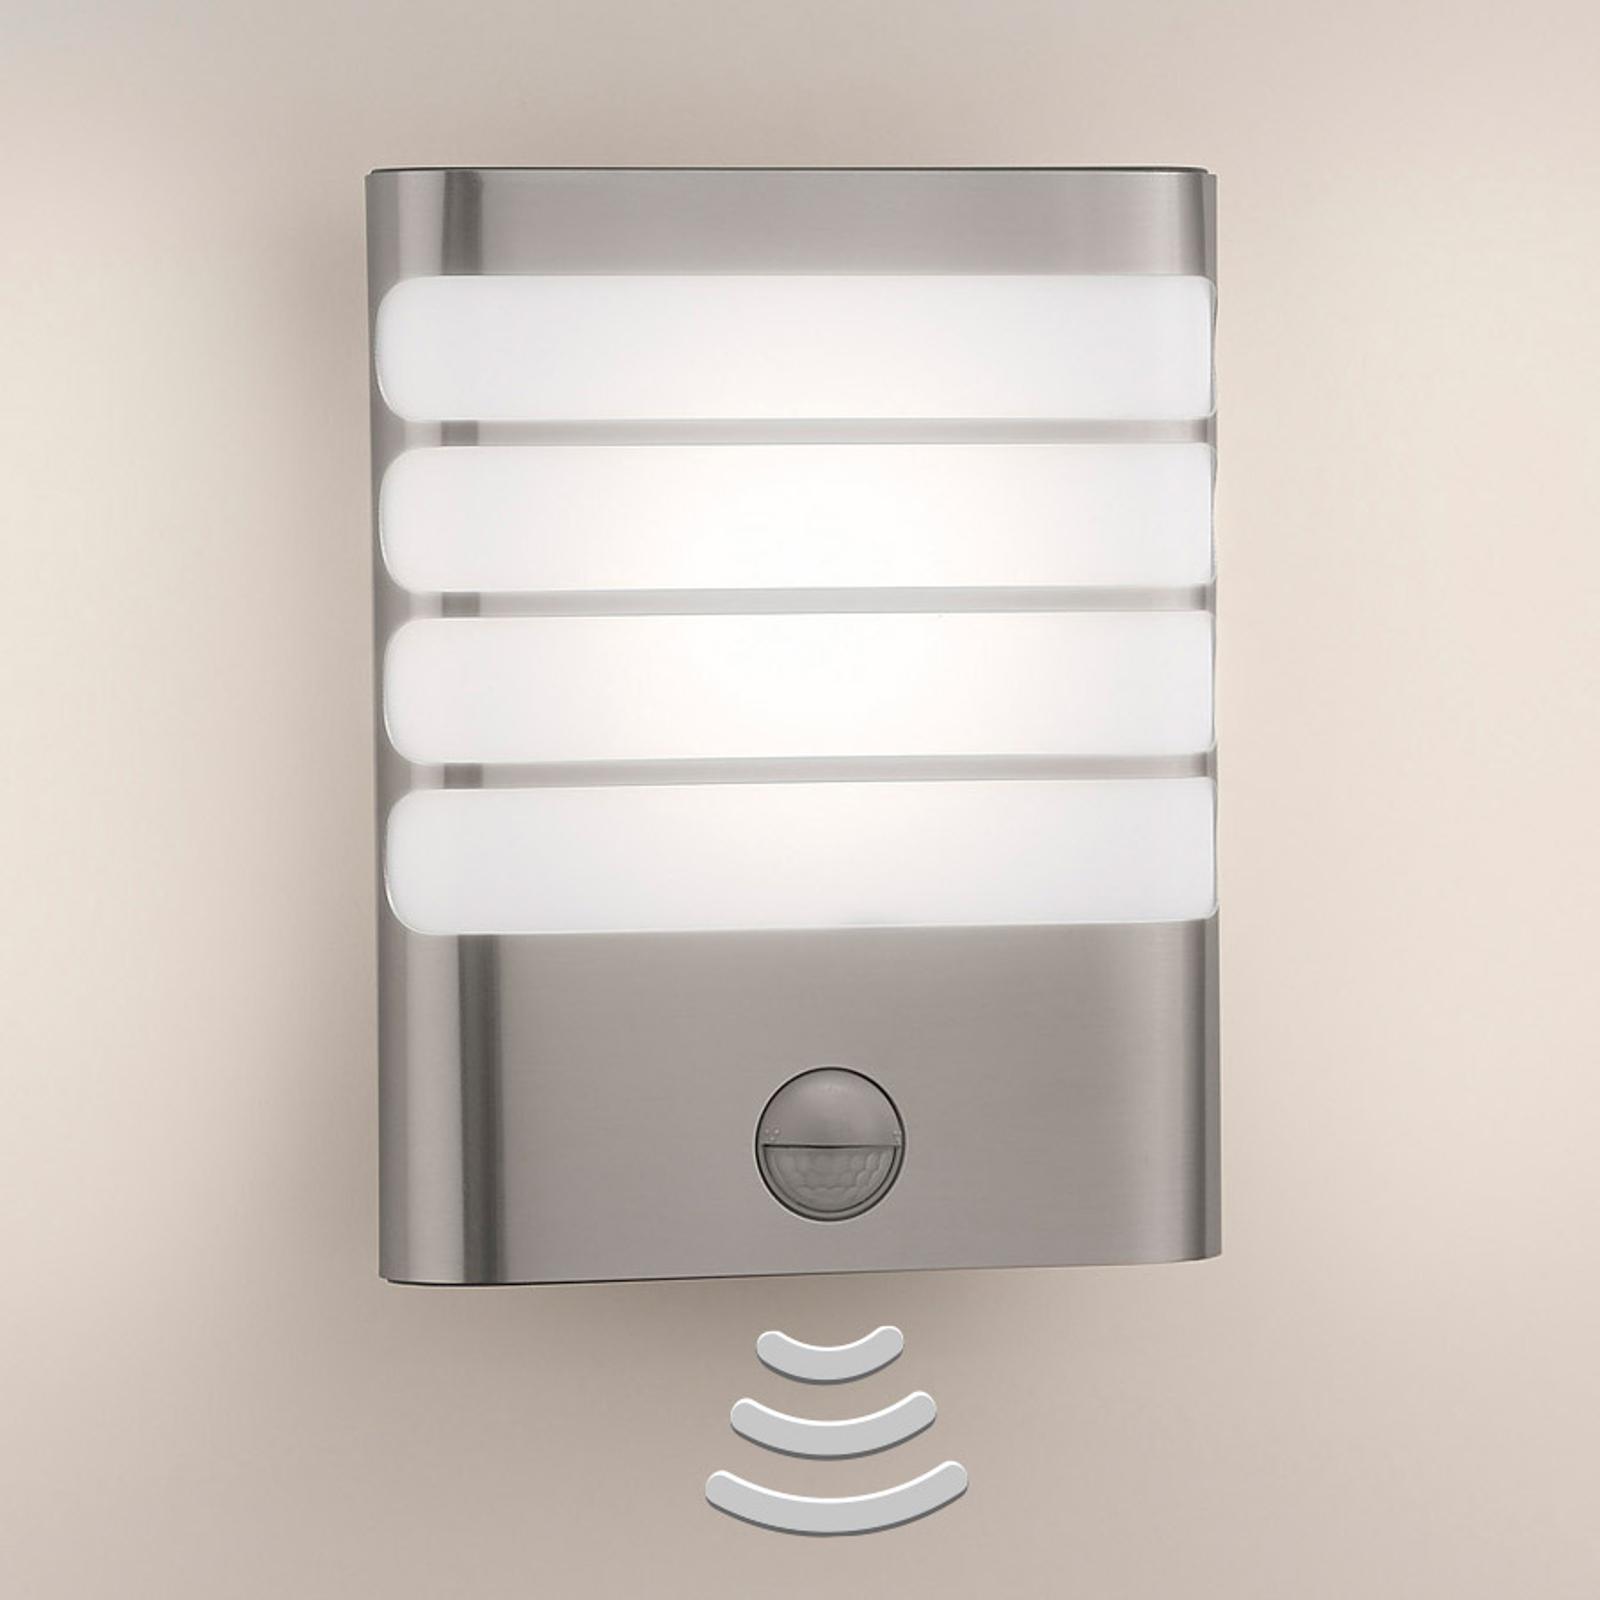 Philips Raccoon applique d'extérieur LED inox